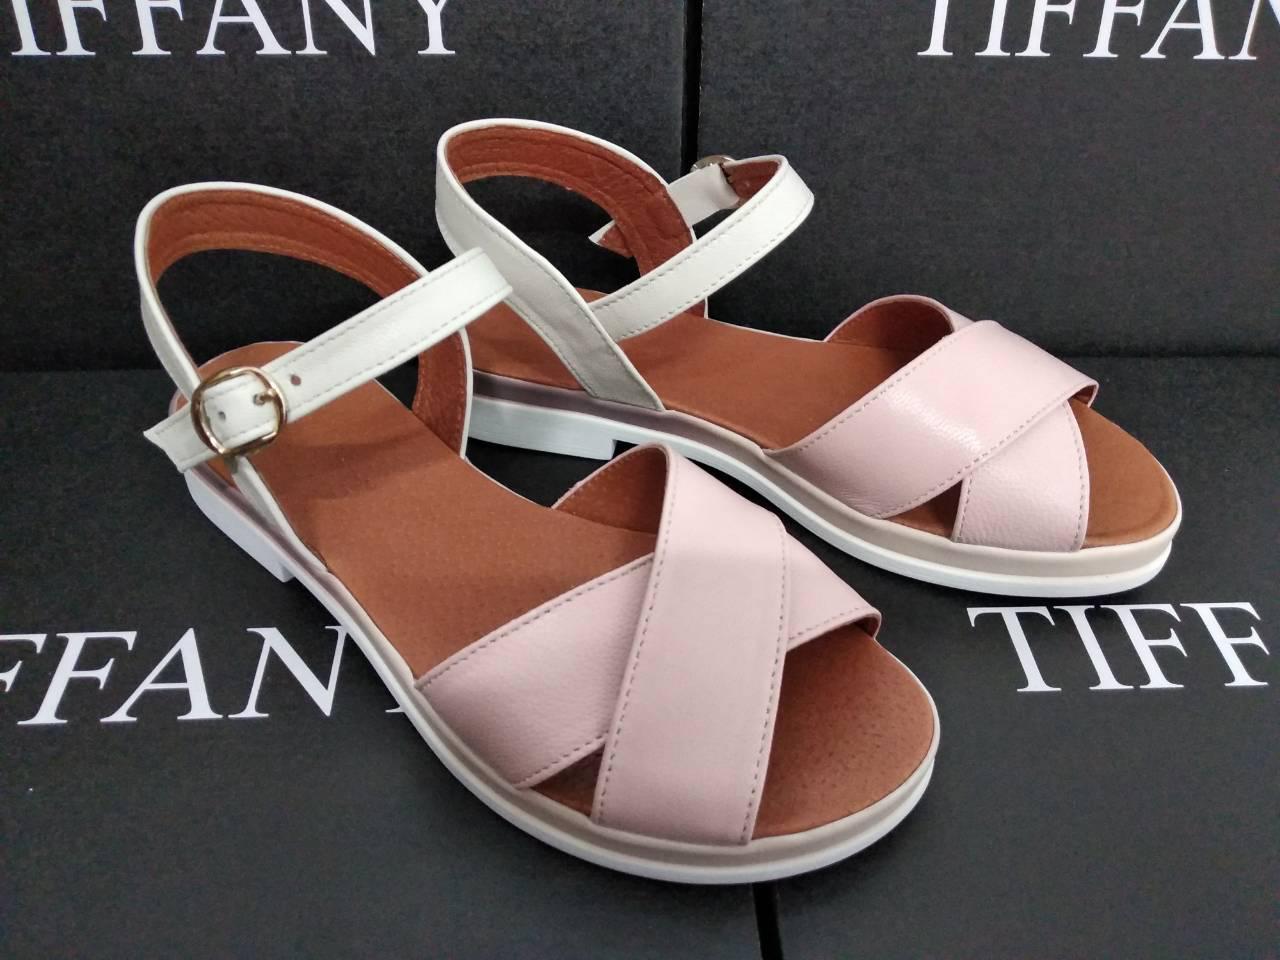 3dd7c3ecabd Женские кожаные босоножки сандалии TIFFANY на танкетке платформе оптом